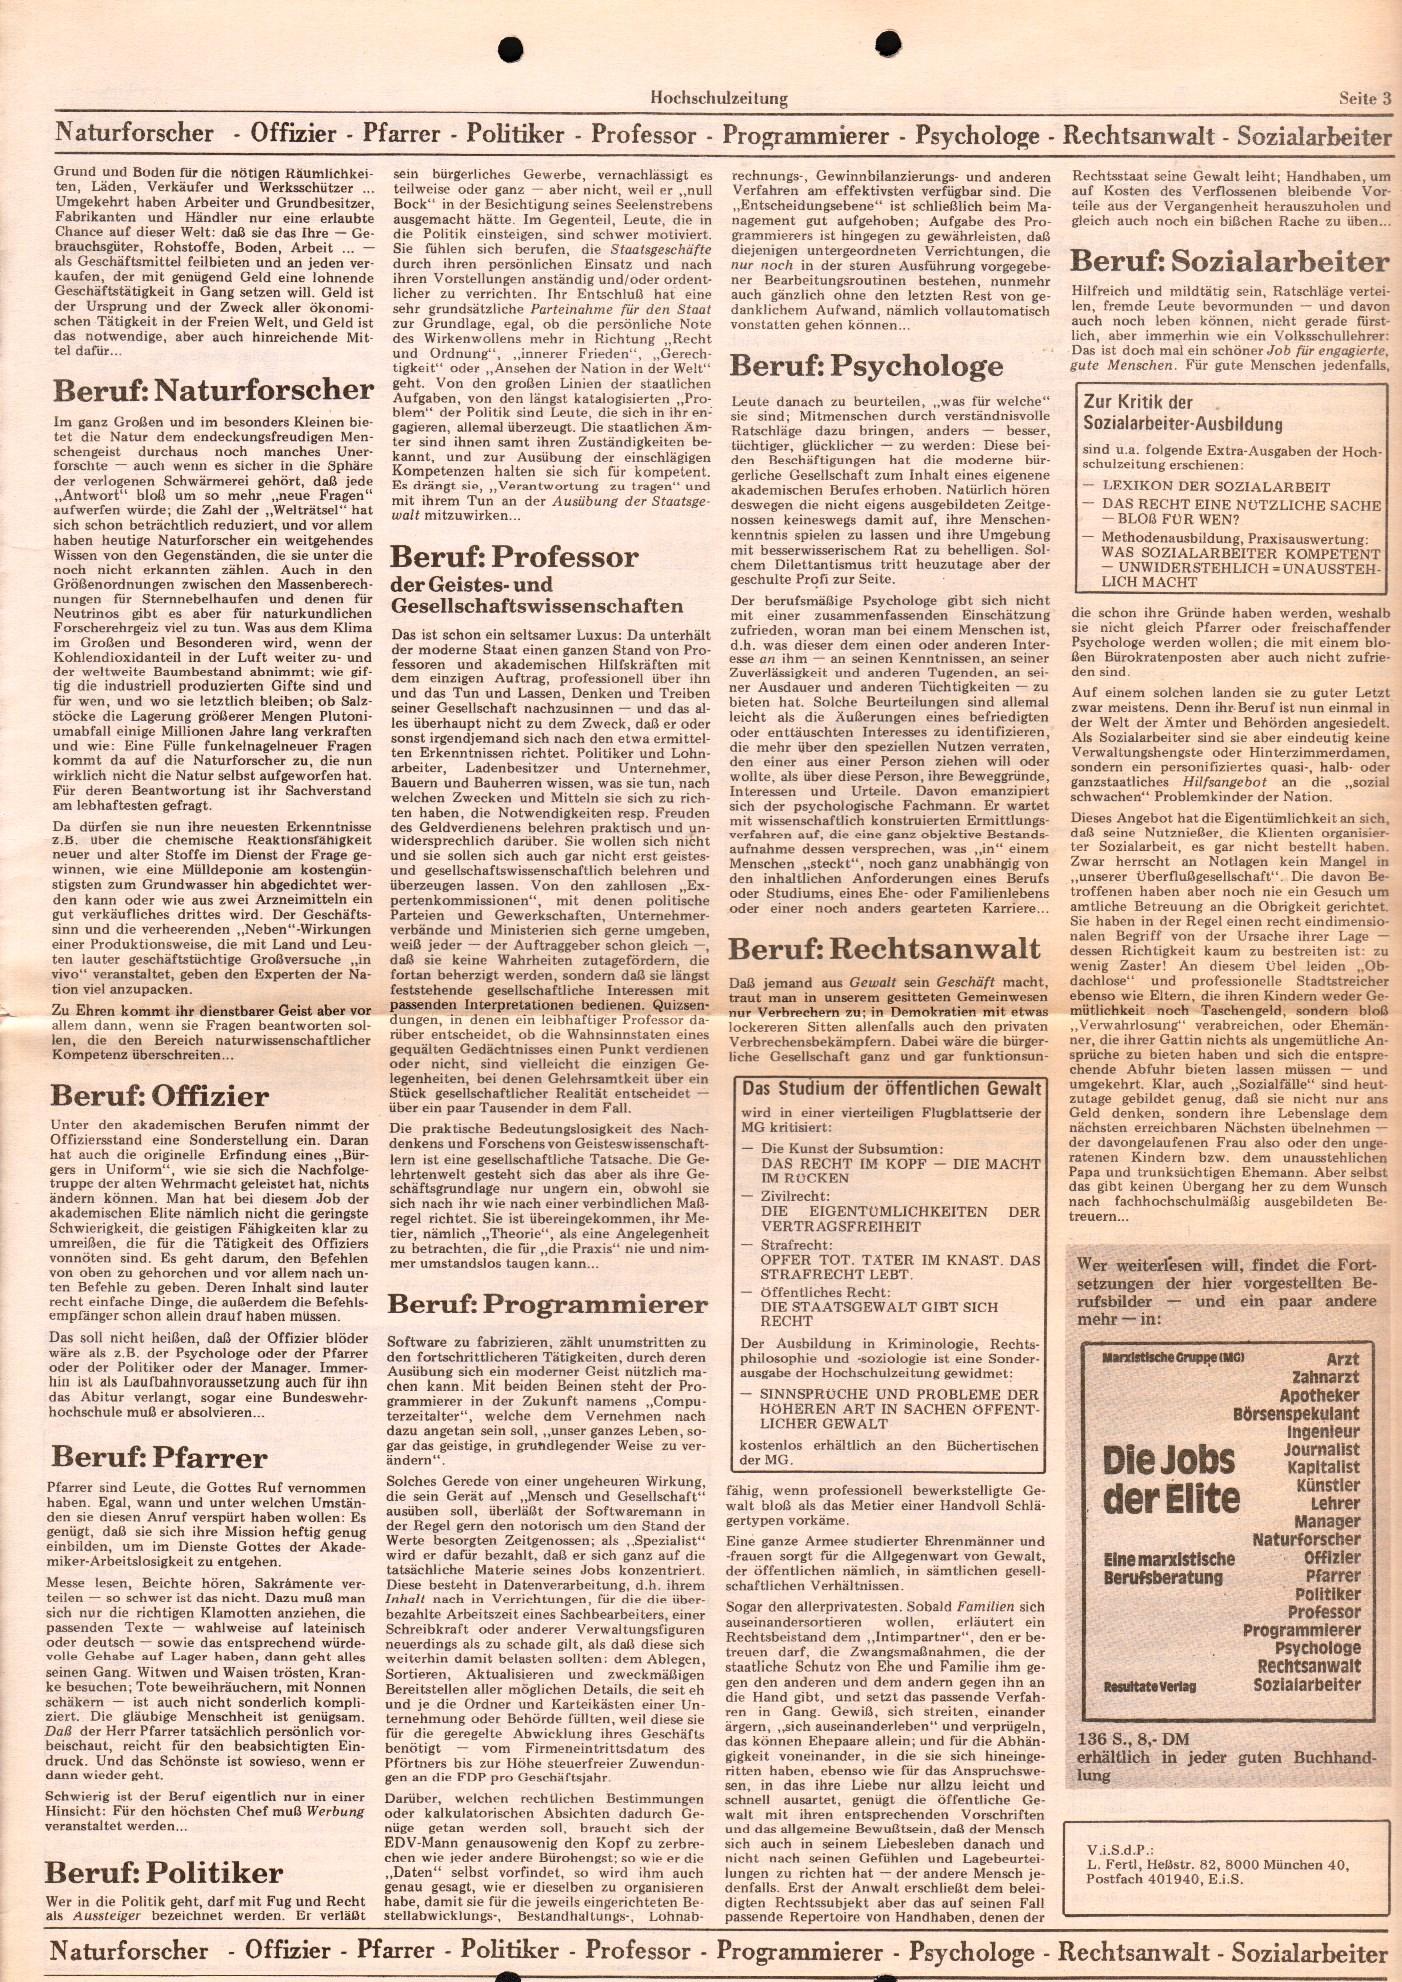 Ruhrgebiet_MG_Marxistische_Hochschulzeitung_19901008_03